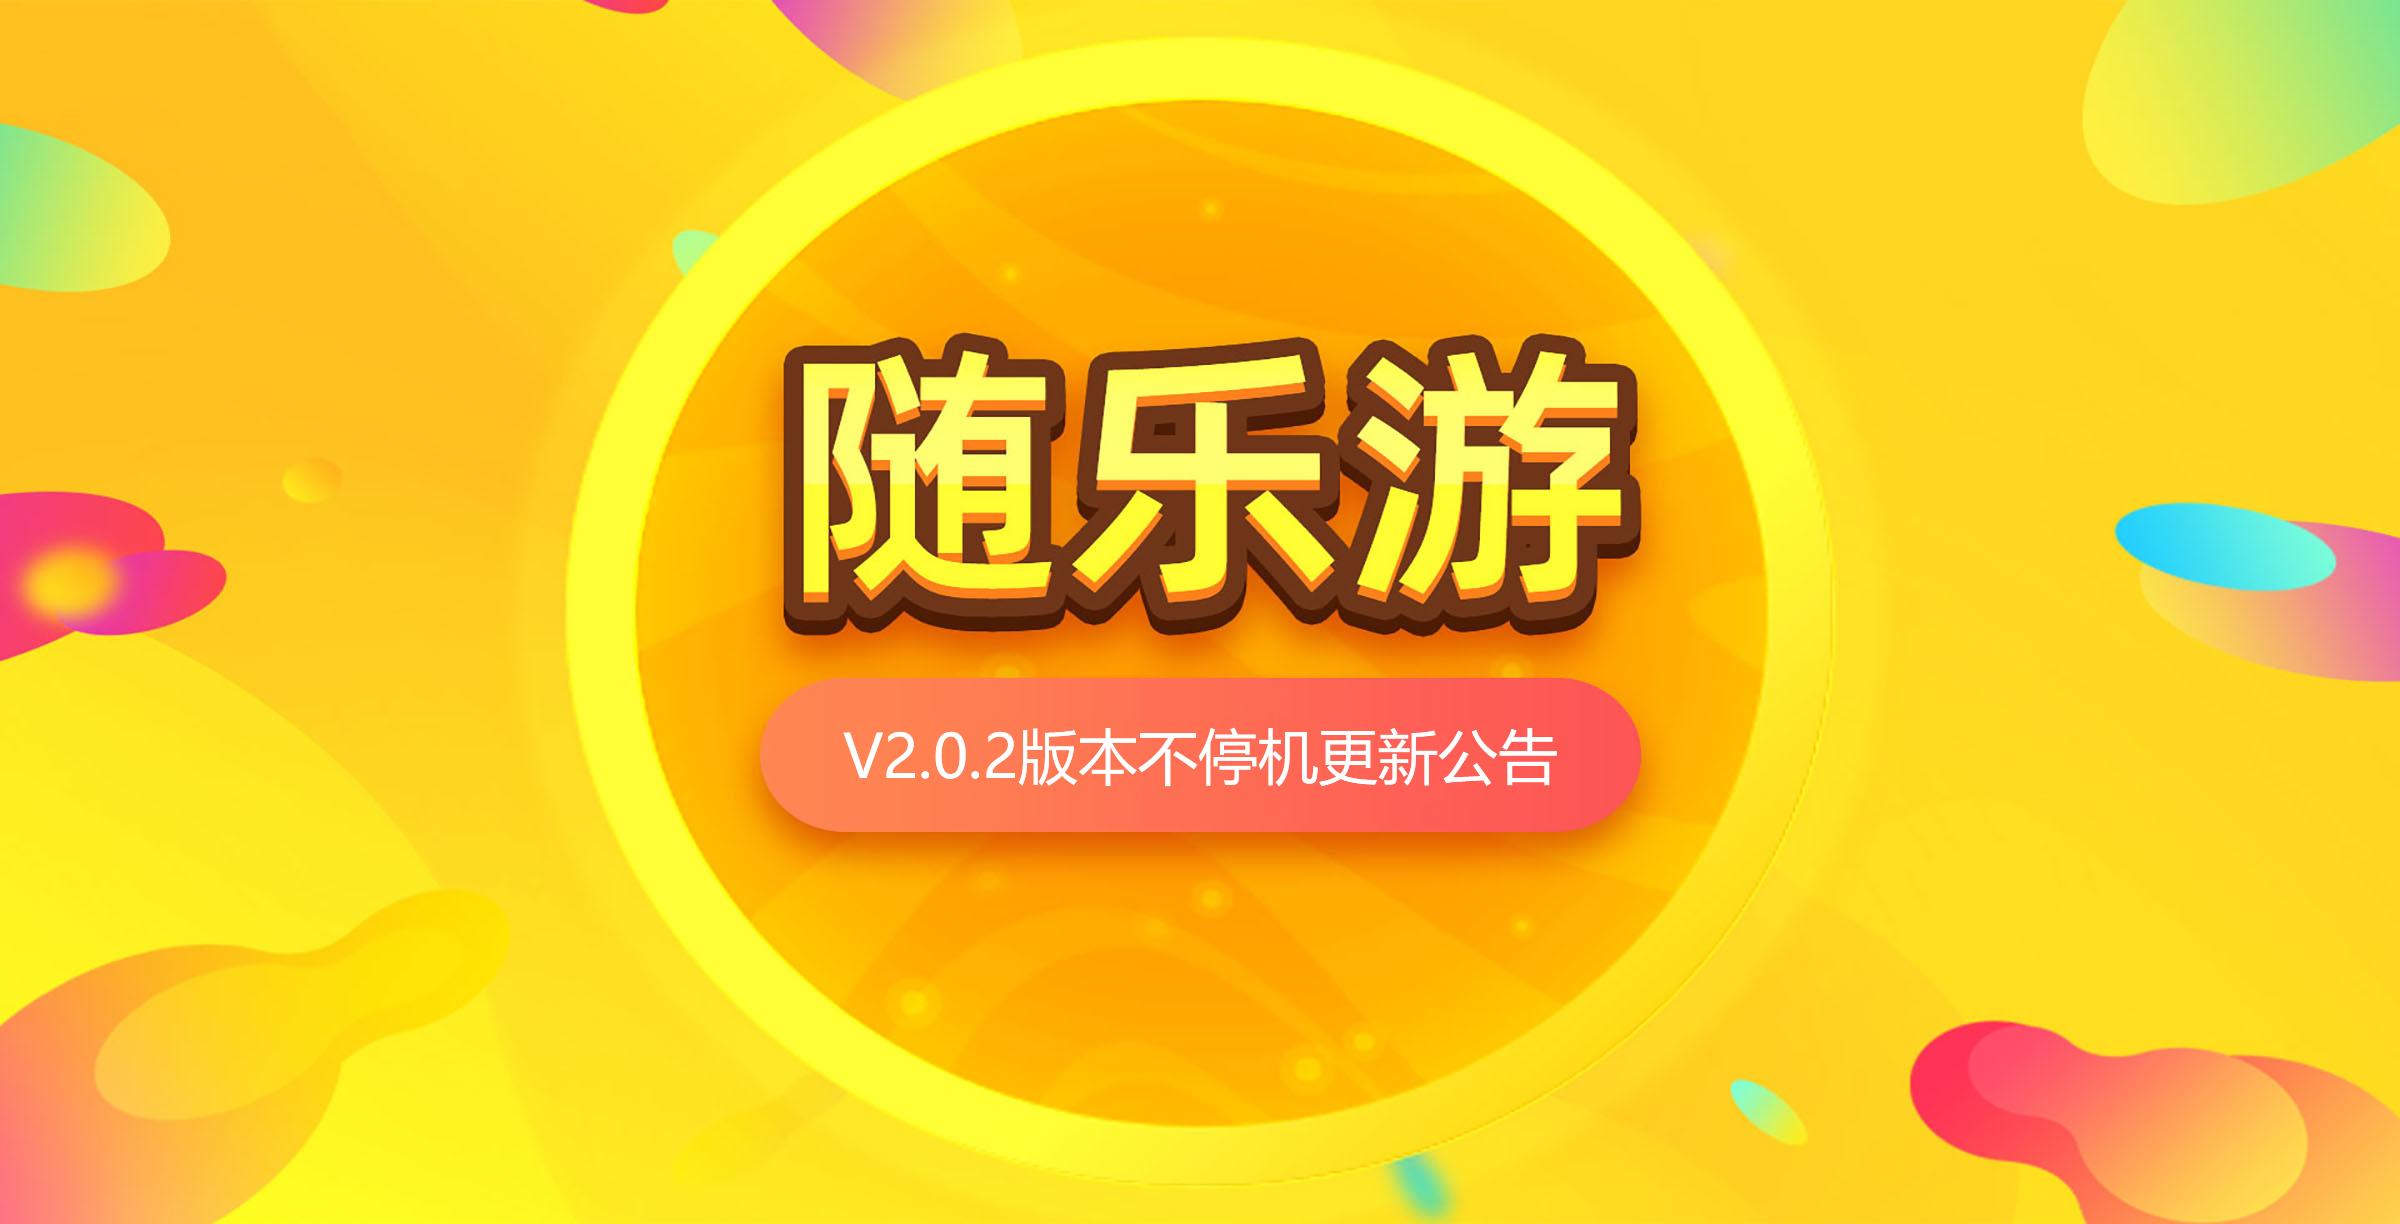 《随乐游》2.0.2版本不停机更新公告